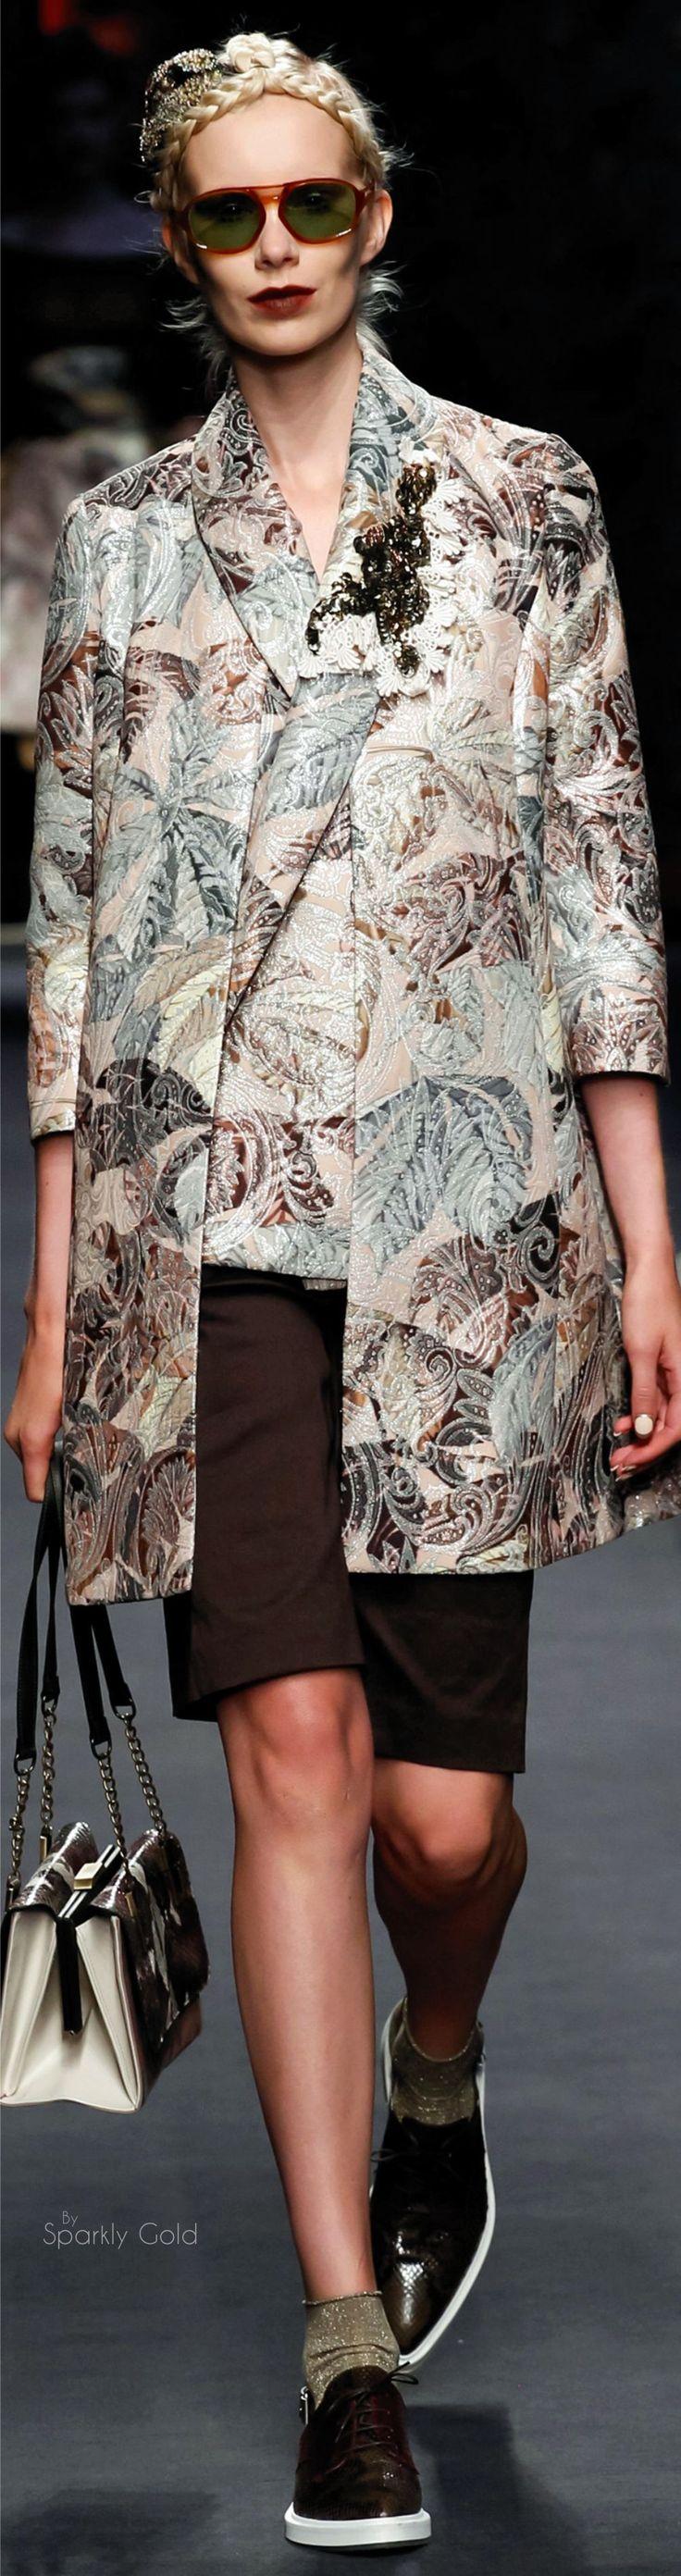 Antonio Marras, Spring/Summer 2016, Ready to Wear